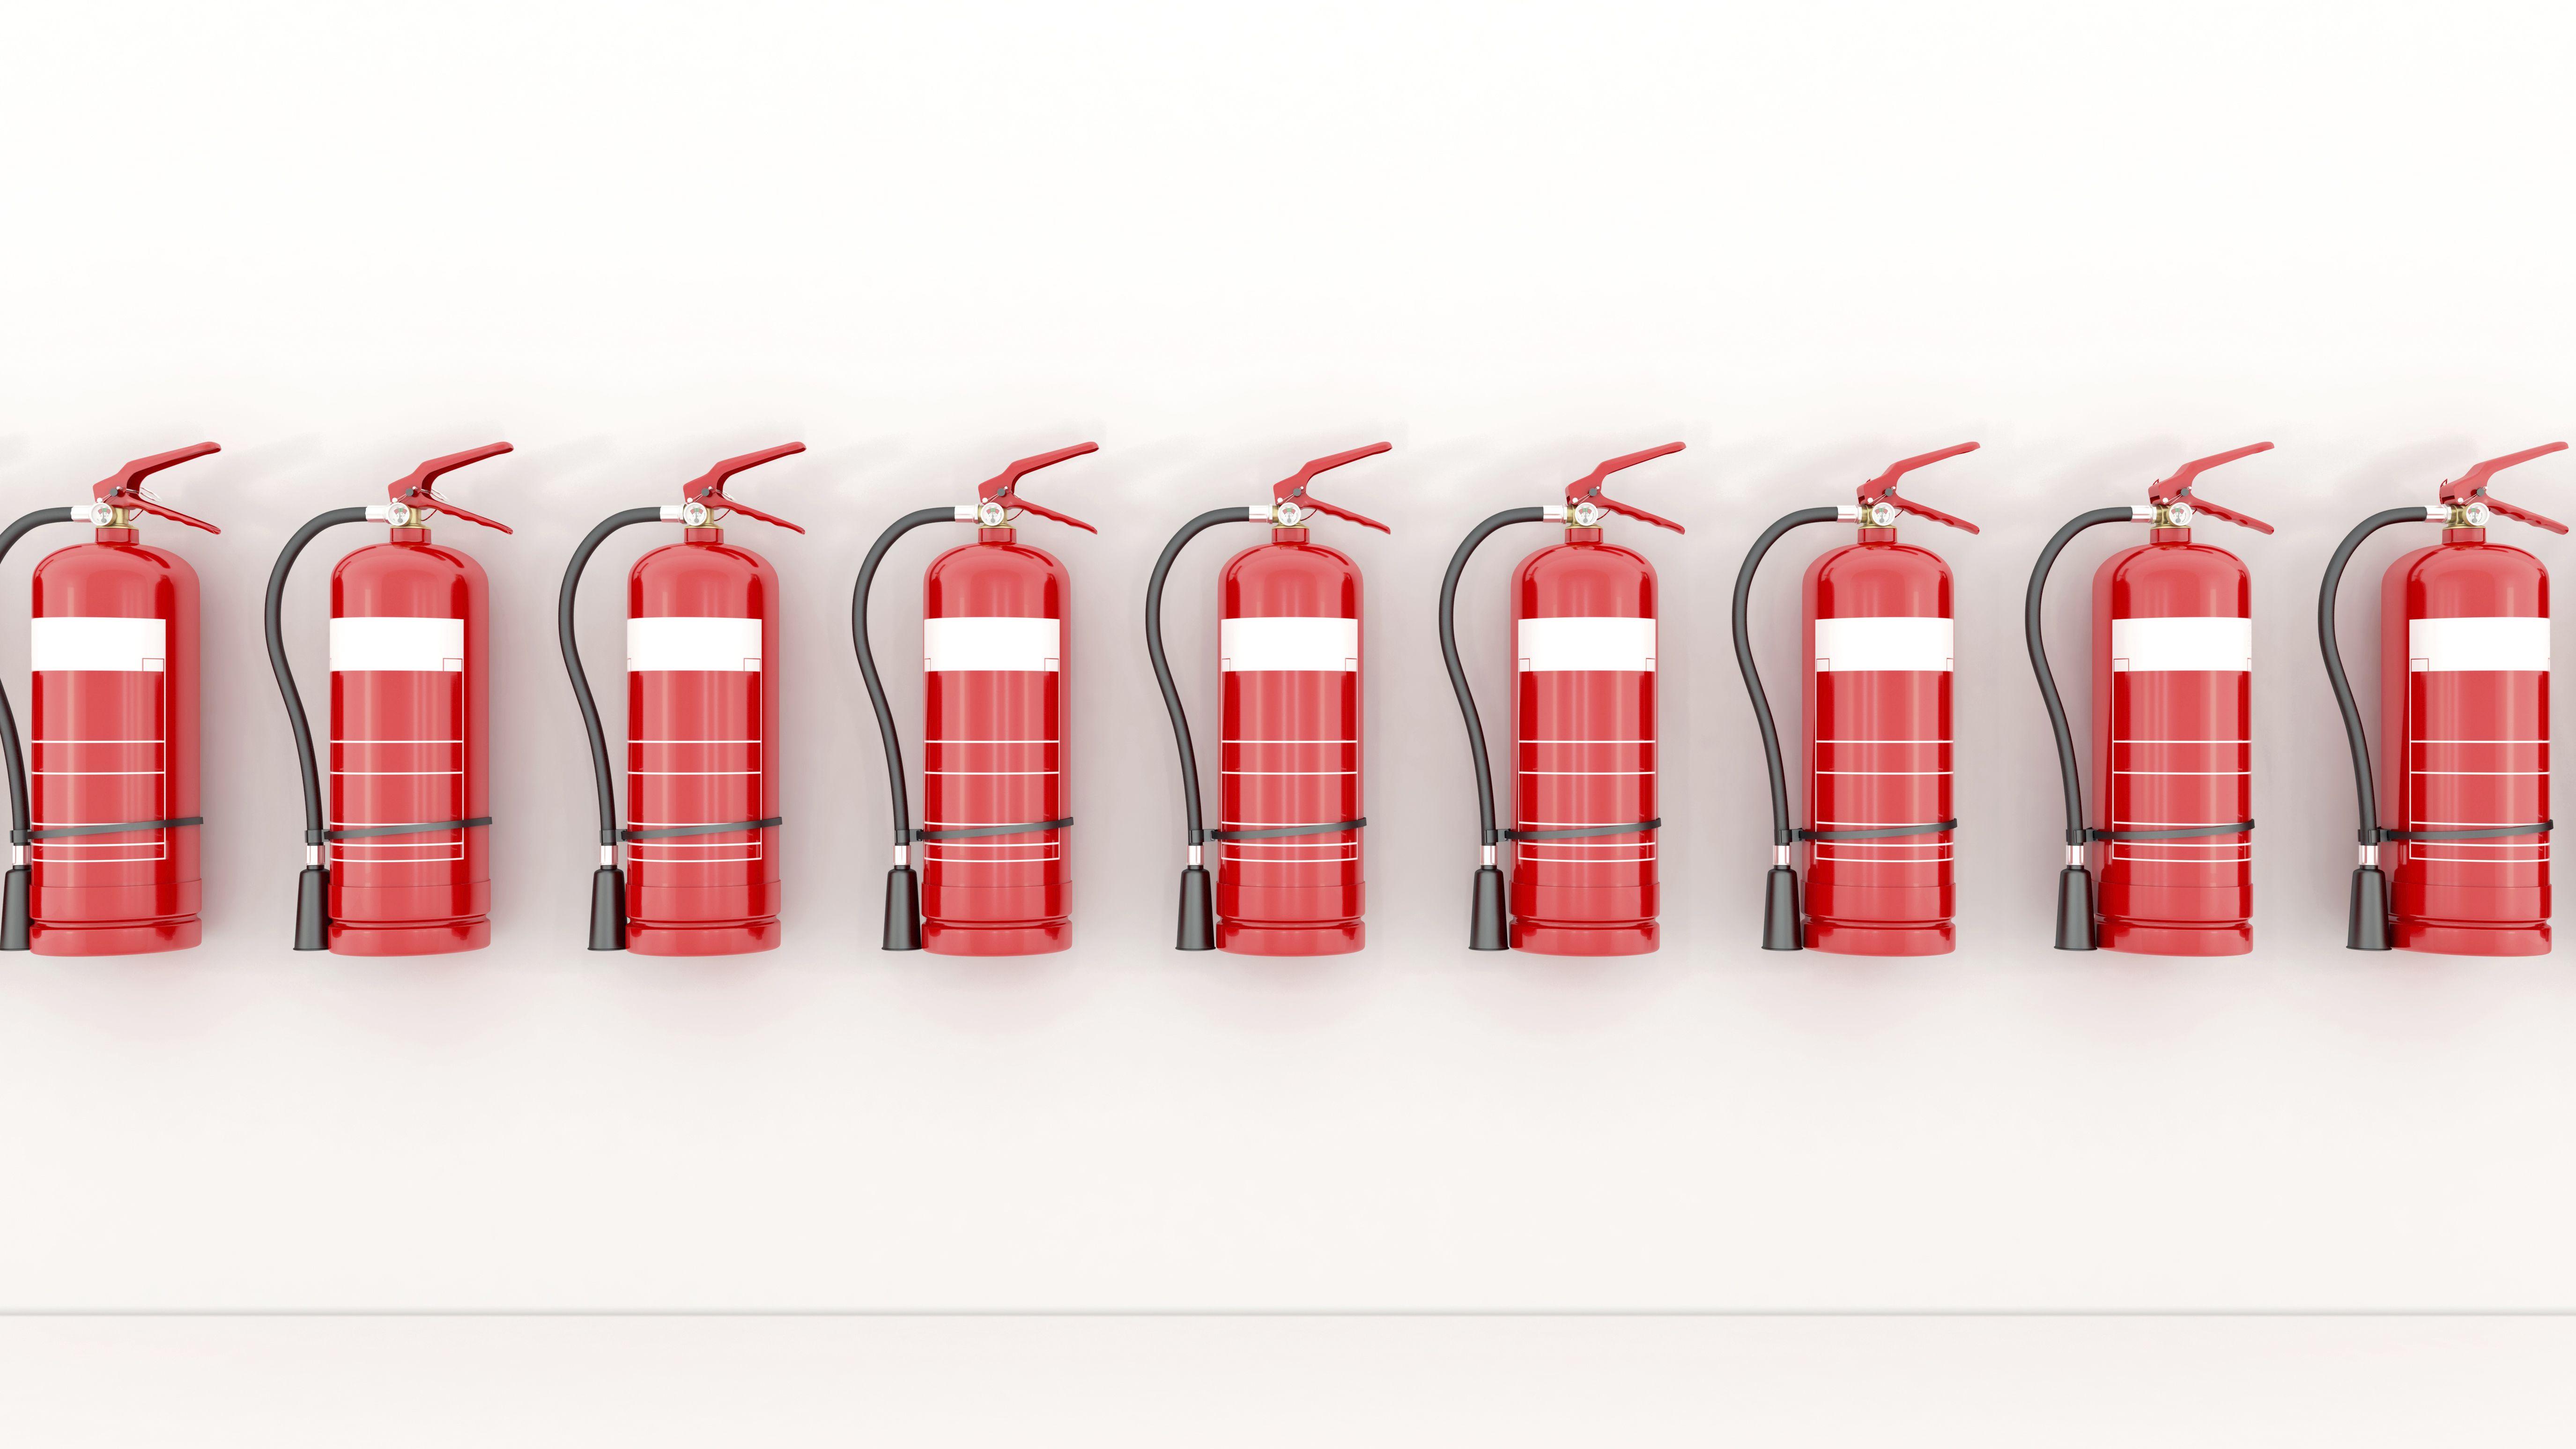 Sistema de protección contra incendios en Tenerife